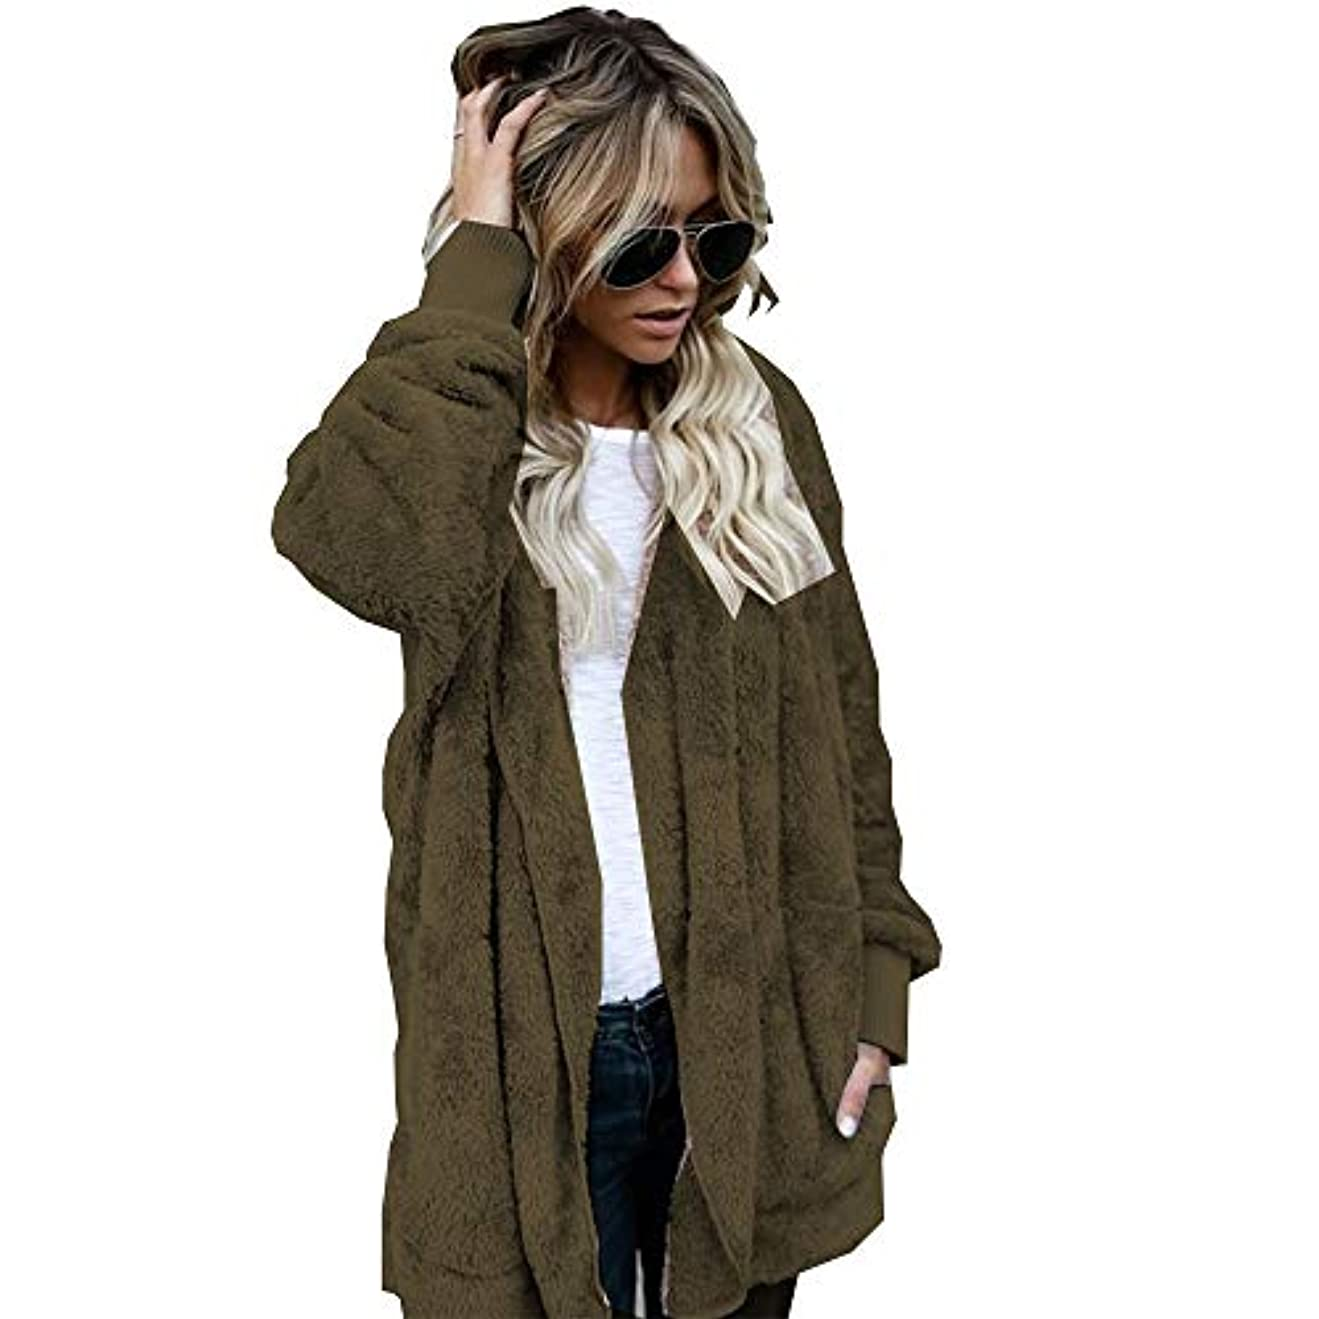 サーフィン住居誇大妄想MIFAN 長袖パーカー、冬のコート、女性のコート、女性の緩い厚く暖かいフェイクファーフード付きカーディガン